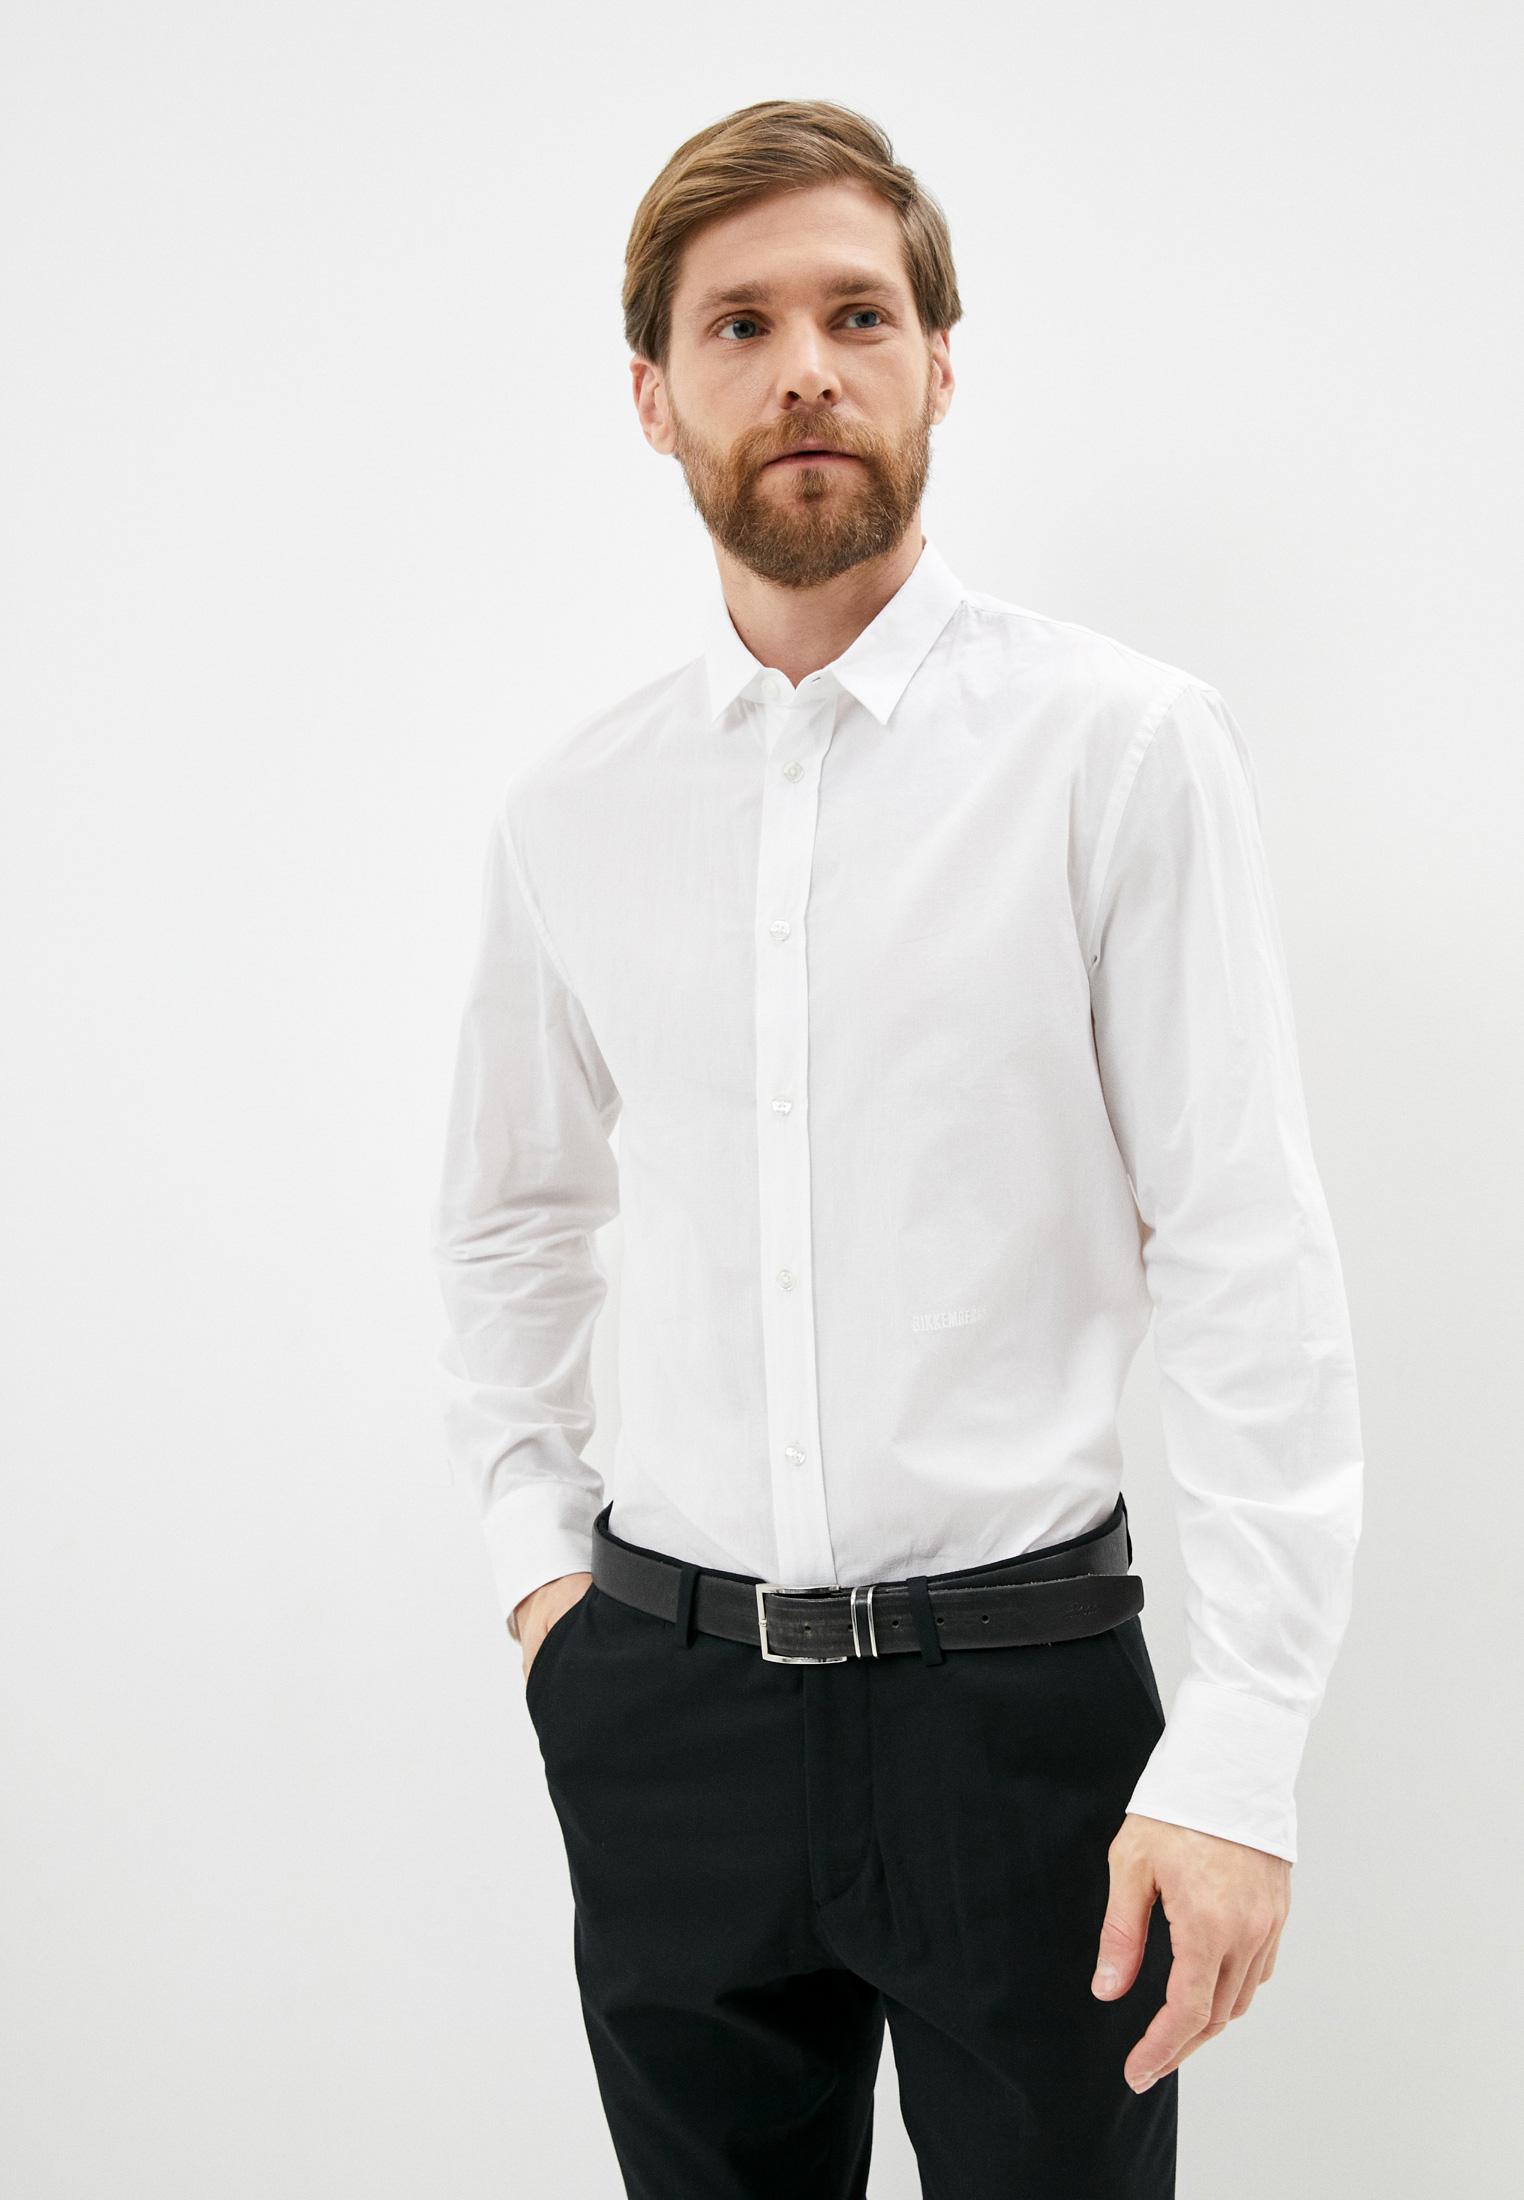 Рубашка с длинным рукавом Bikkembergs (Биккембергс) C C 014 01 T 9208: изображение 1